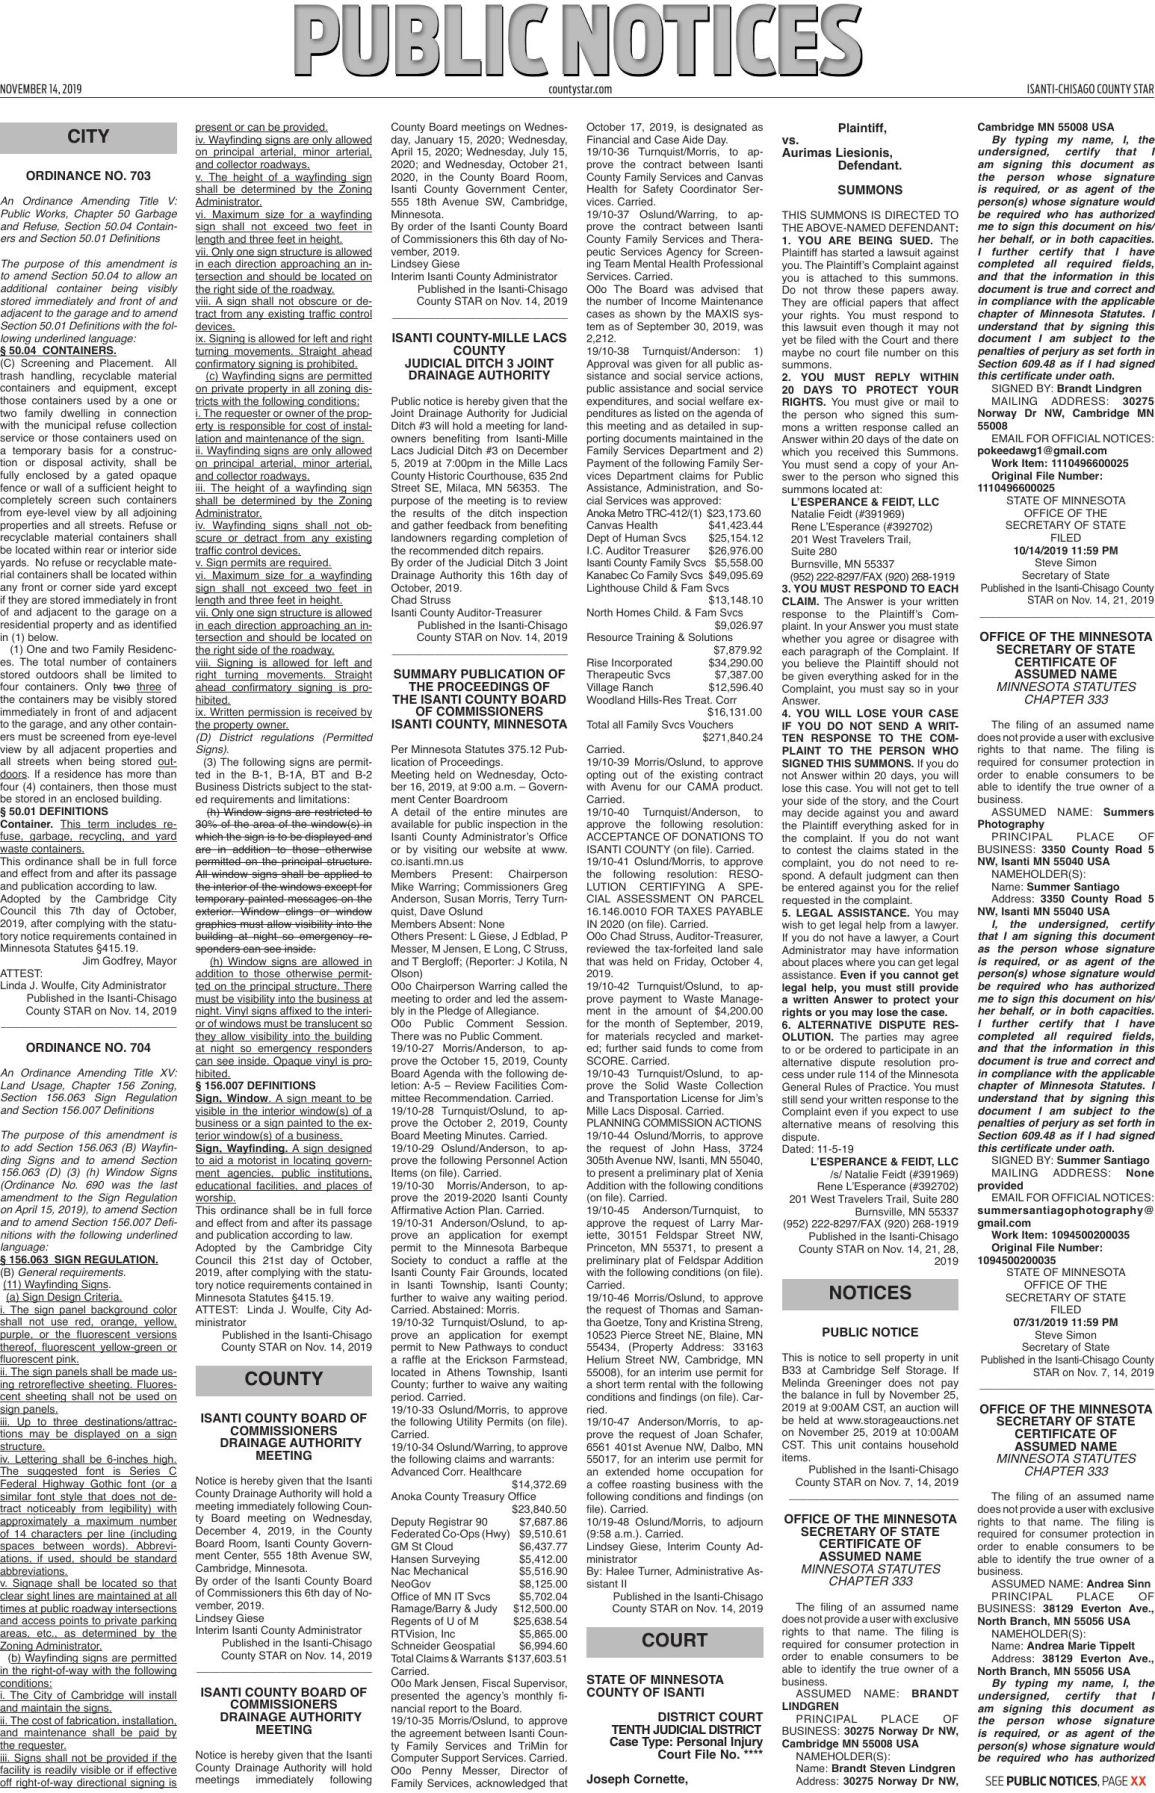 Public Notices - Nov. 14, 2019